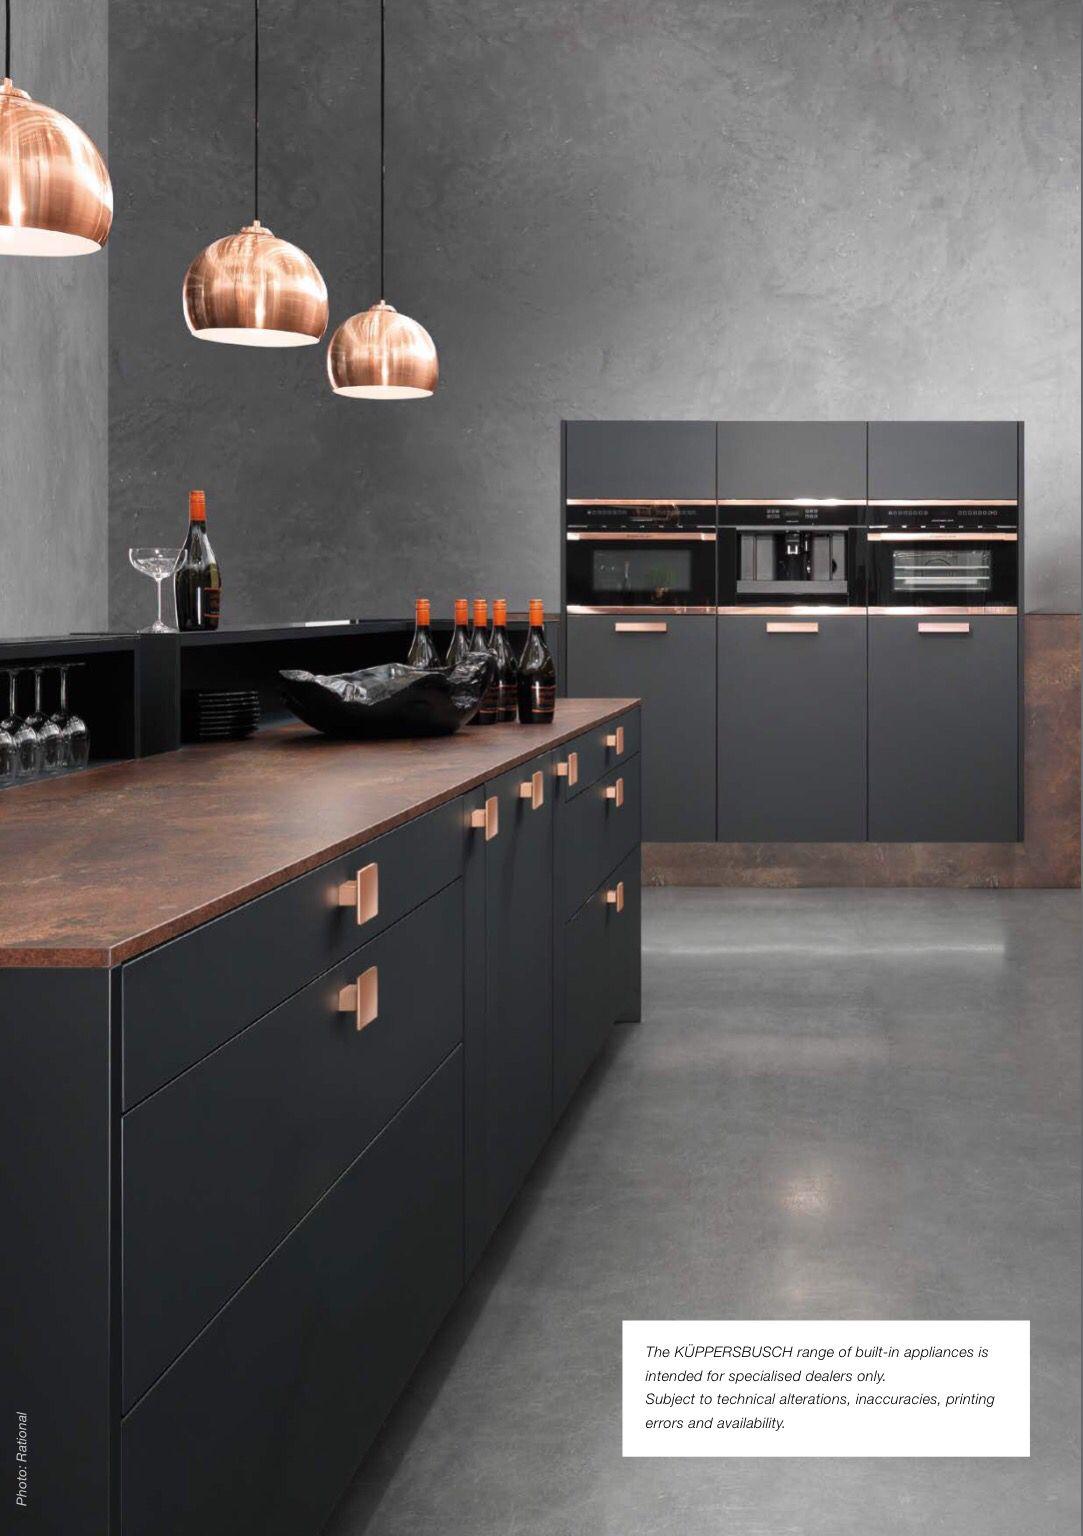 Großartig Kücheentwerfer Jobs North Yorkshire Galerie - Ideen Für ...